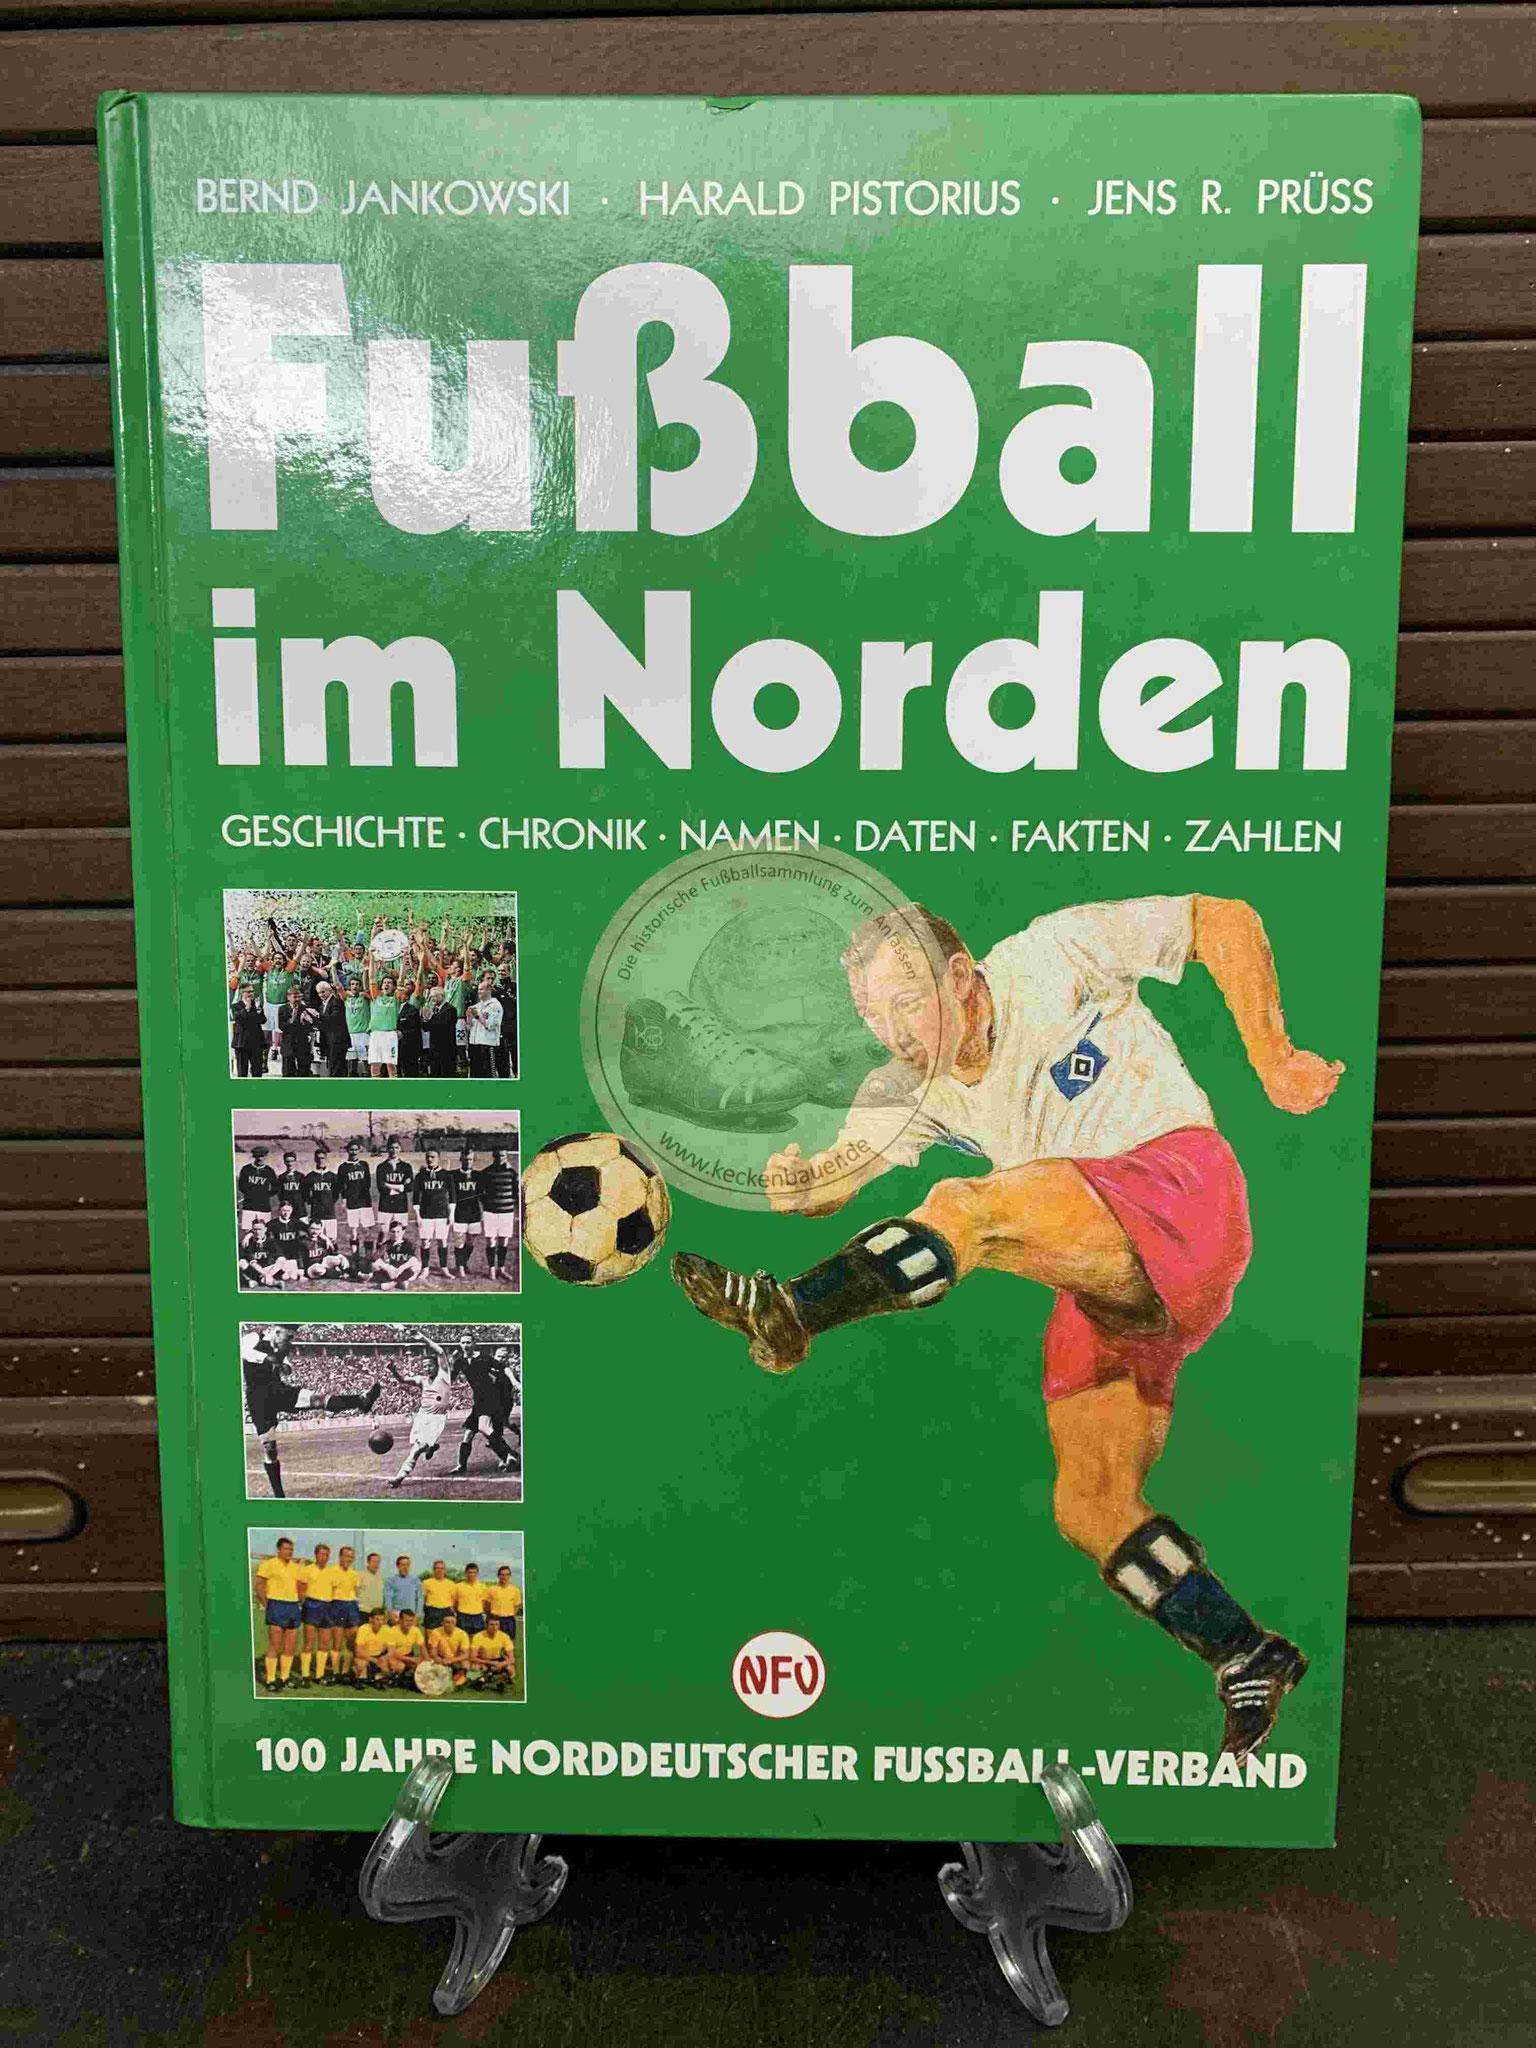 Fußball im Norden 100 Jahre Norddeutscher Fussball-Verband aus dem Jahr 2004